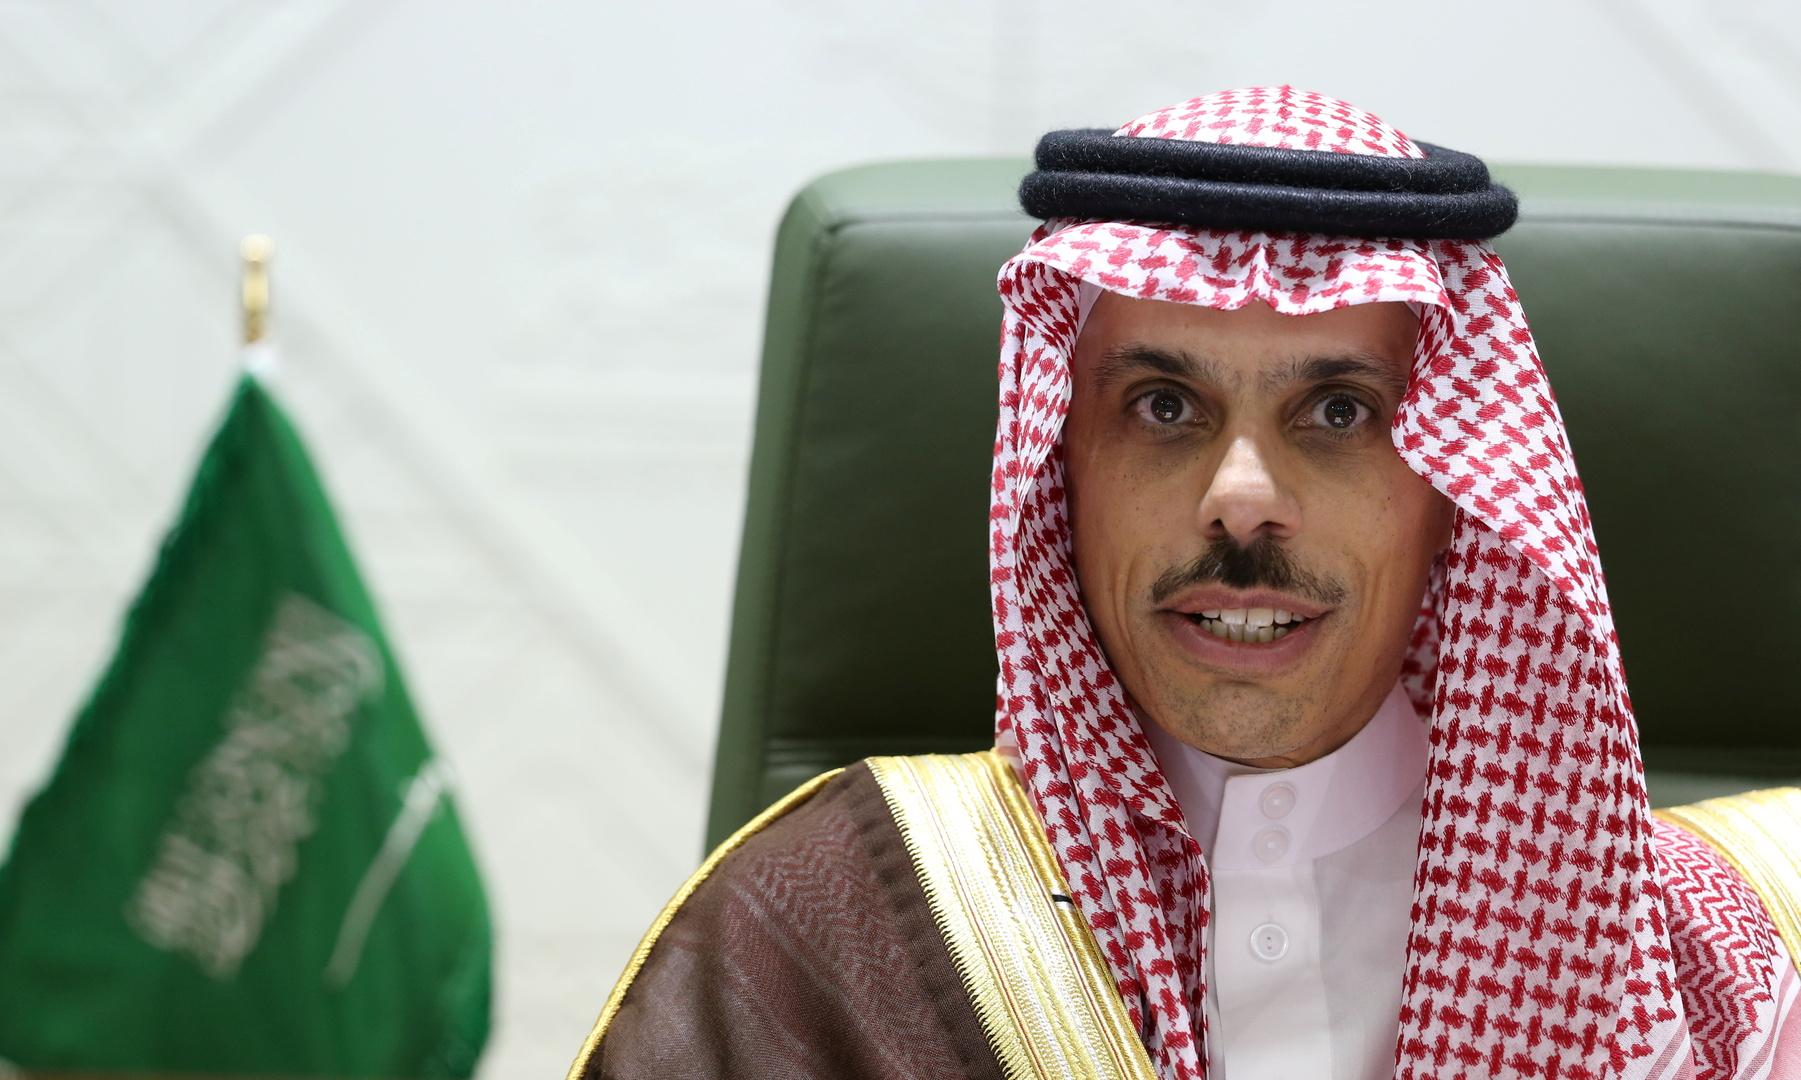 السعودية: نأمل أن يرى الإيرانيون أن من مصلحتهم العمل مع جيرانهم بطريقة إيجابية تؤدي للاستقرار